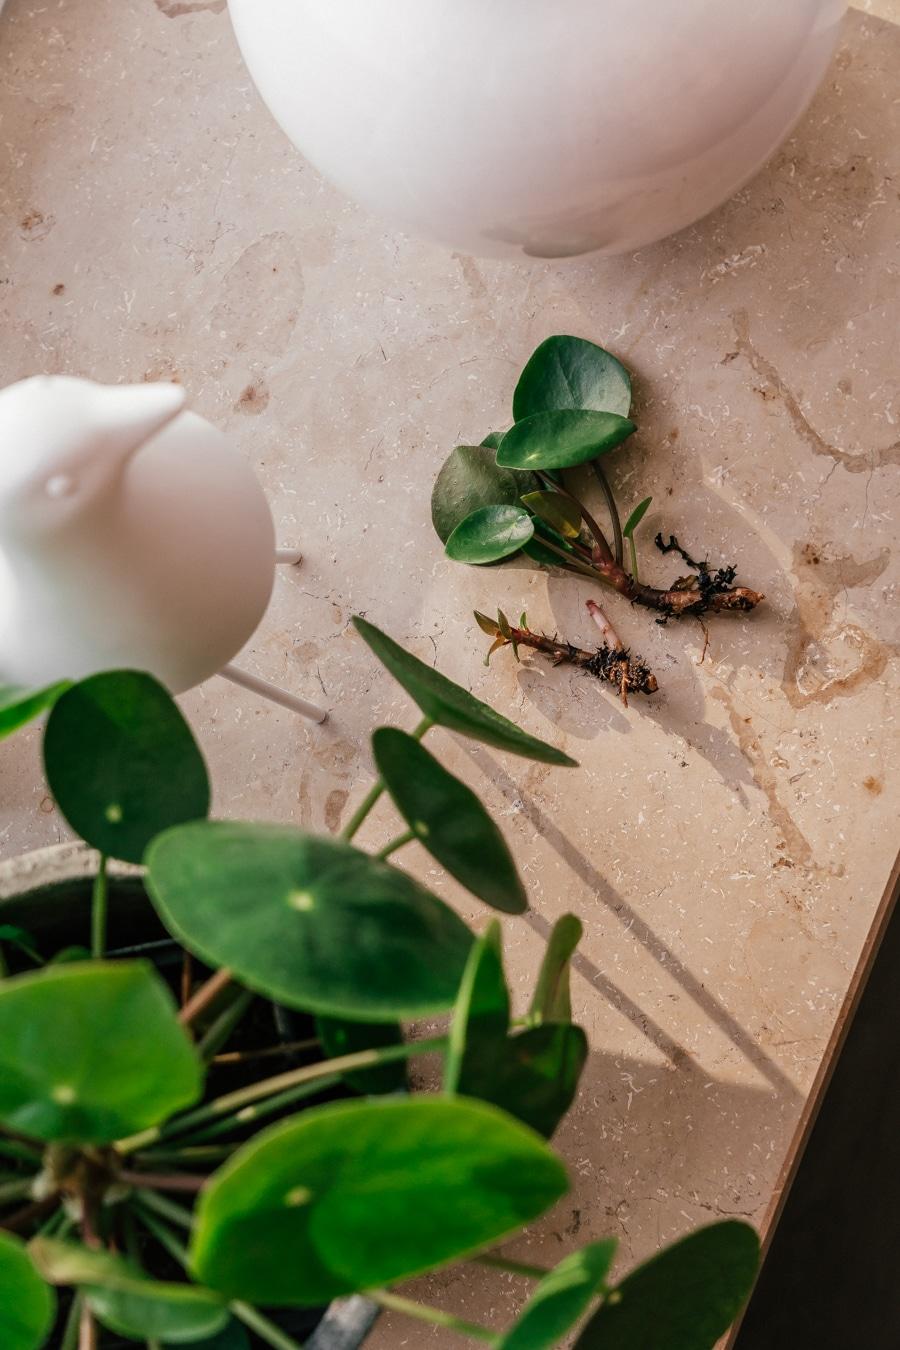 Pilea vermehren: So geht's! + 5 Tipps für Pflanzenanfänger